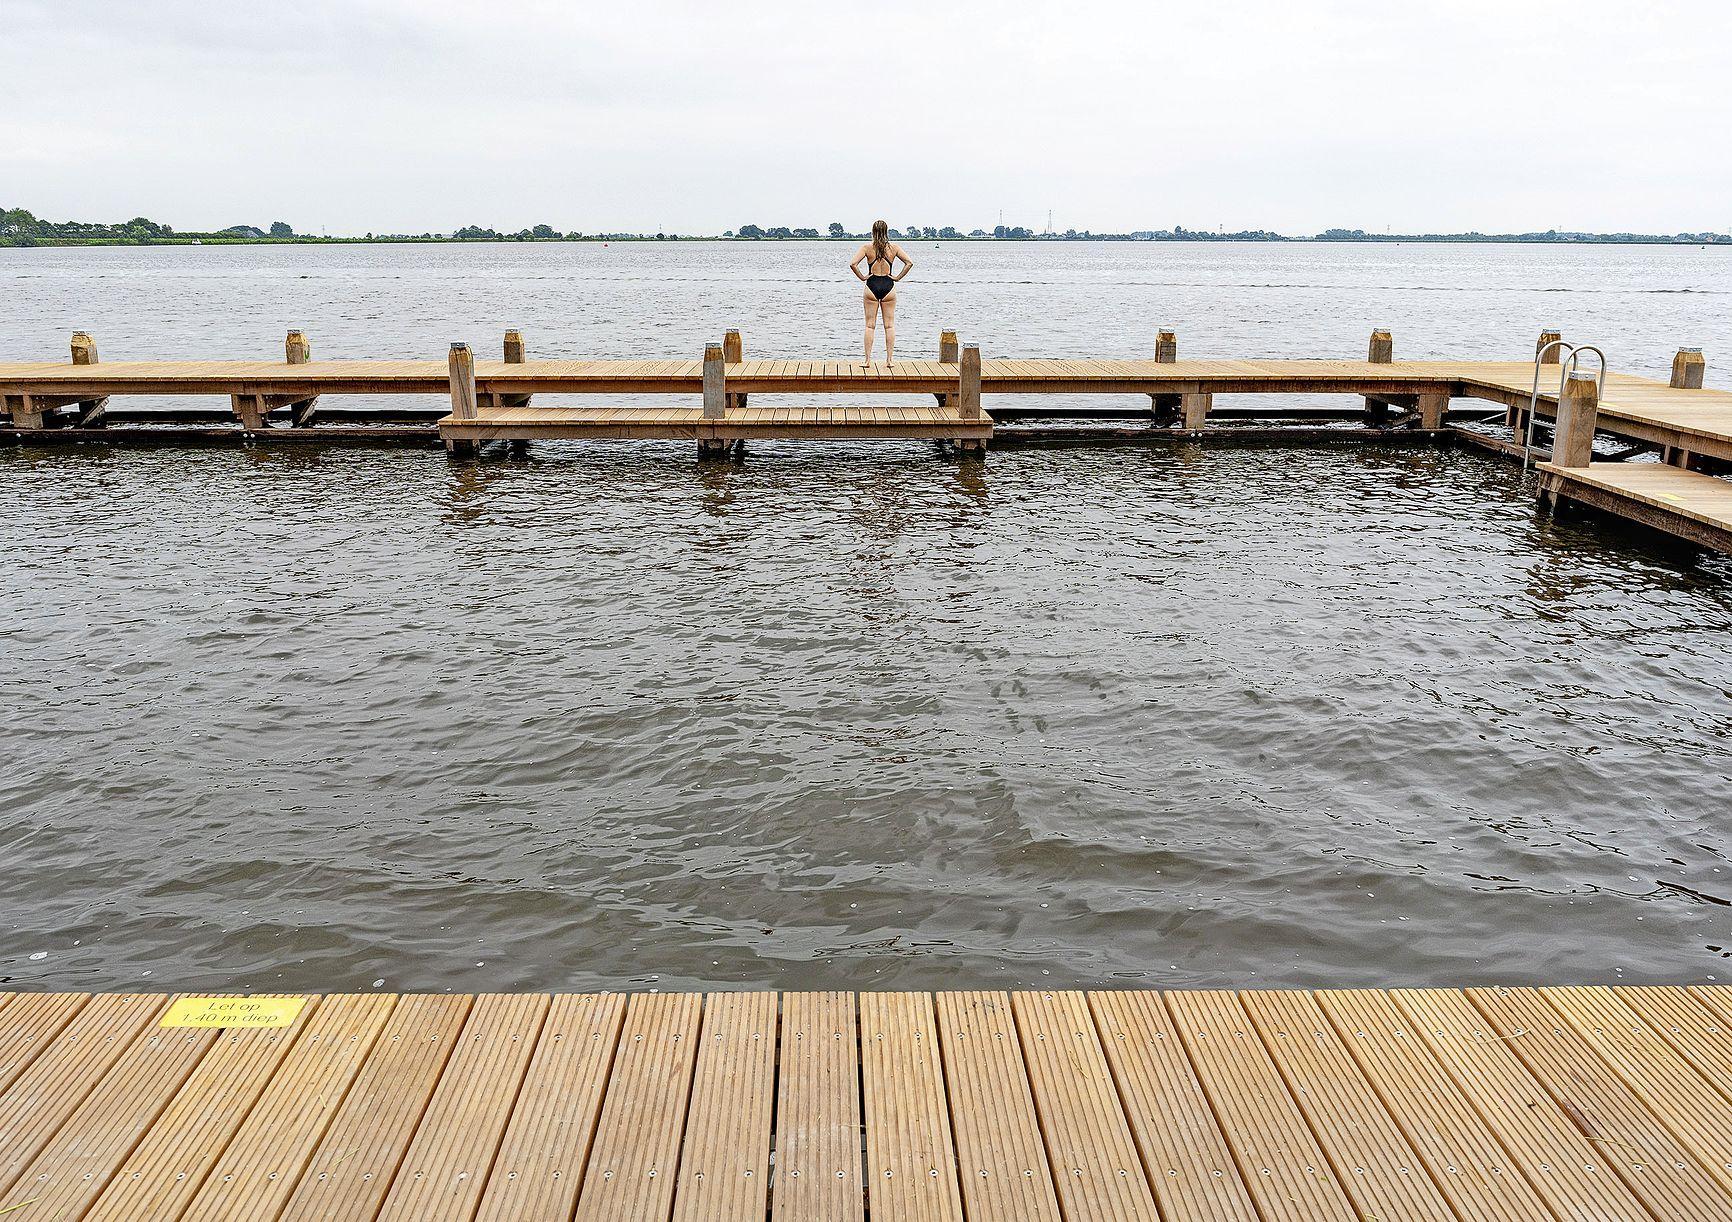 Een apart zwembadje in het Alkmaardermeer. 'Veilig dobberen met kleine kinderen, het kan eindelijk'